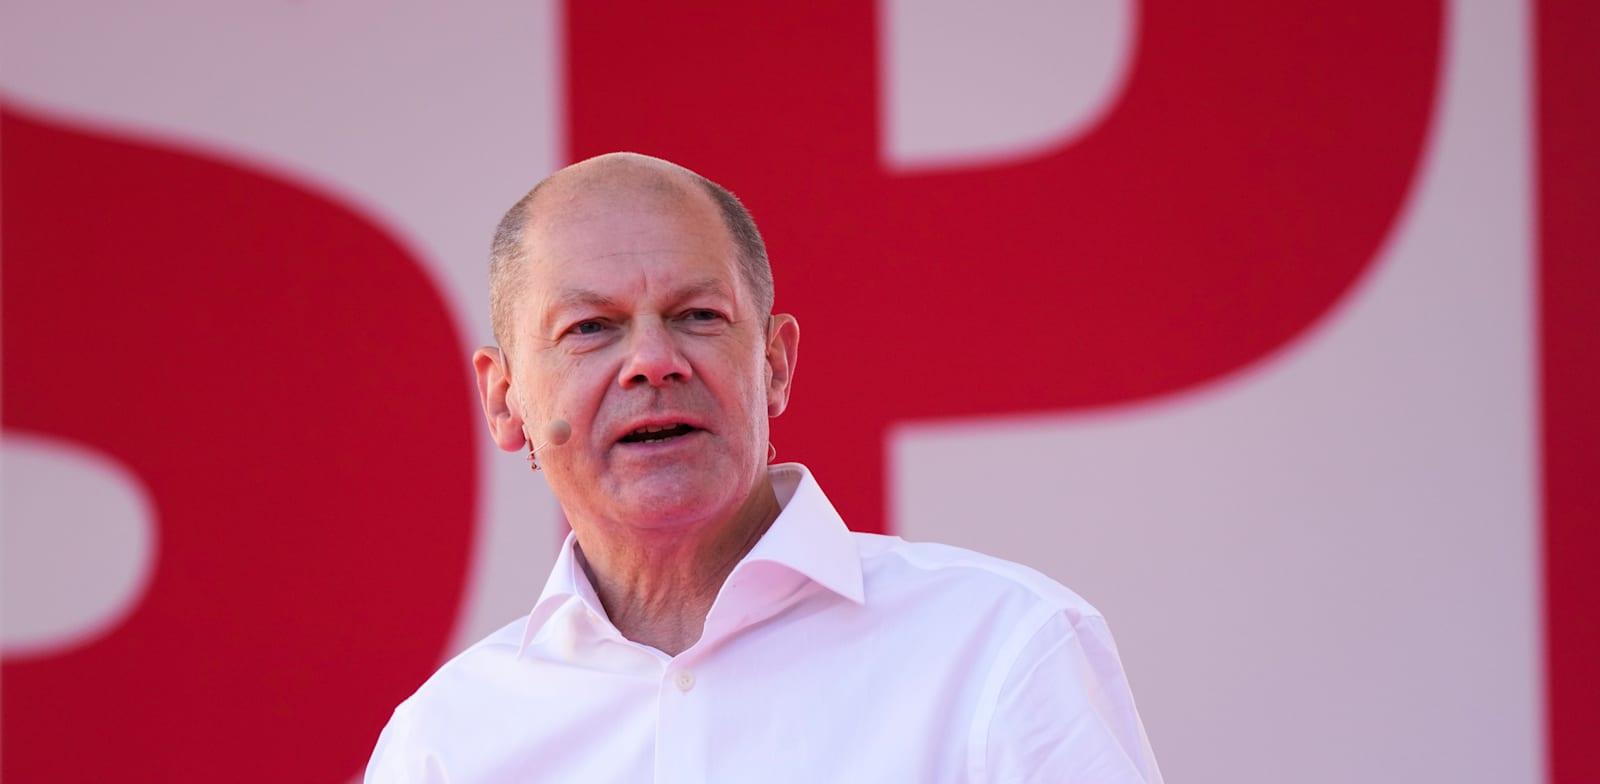 אולף שולץ, מנהיג המפלגה הסוציאל דמוקרטית / צילום: Associated Press, Markus Schreiber